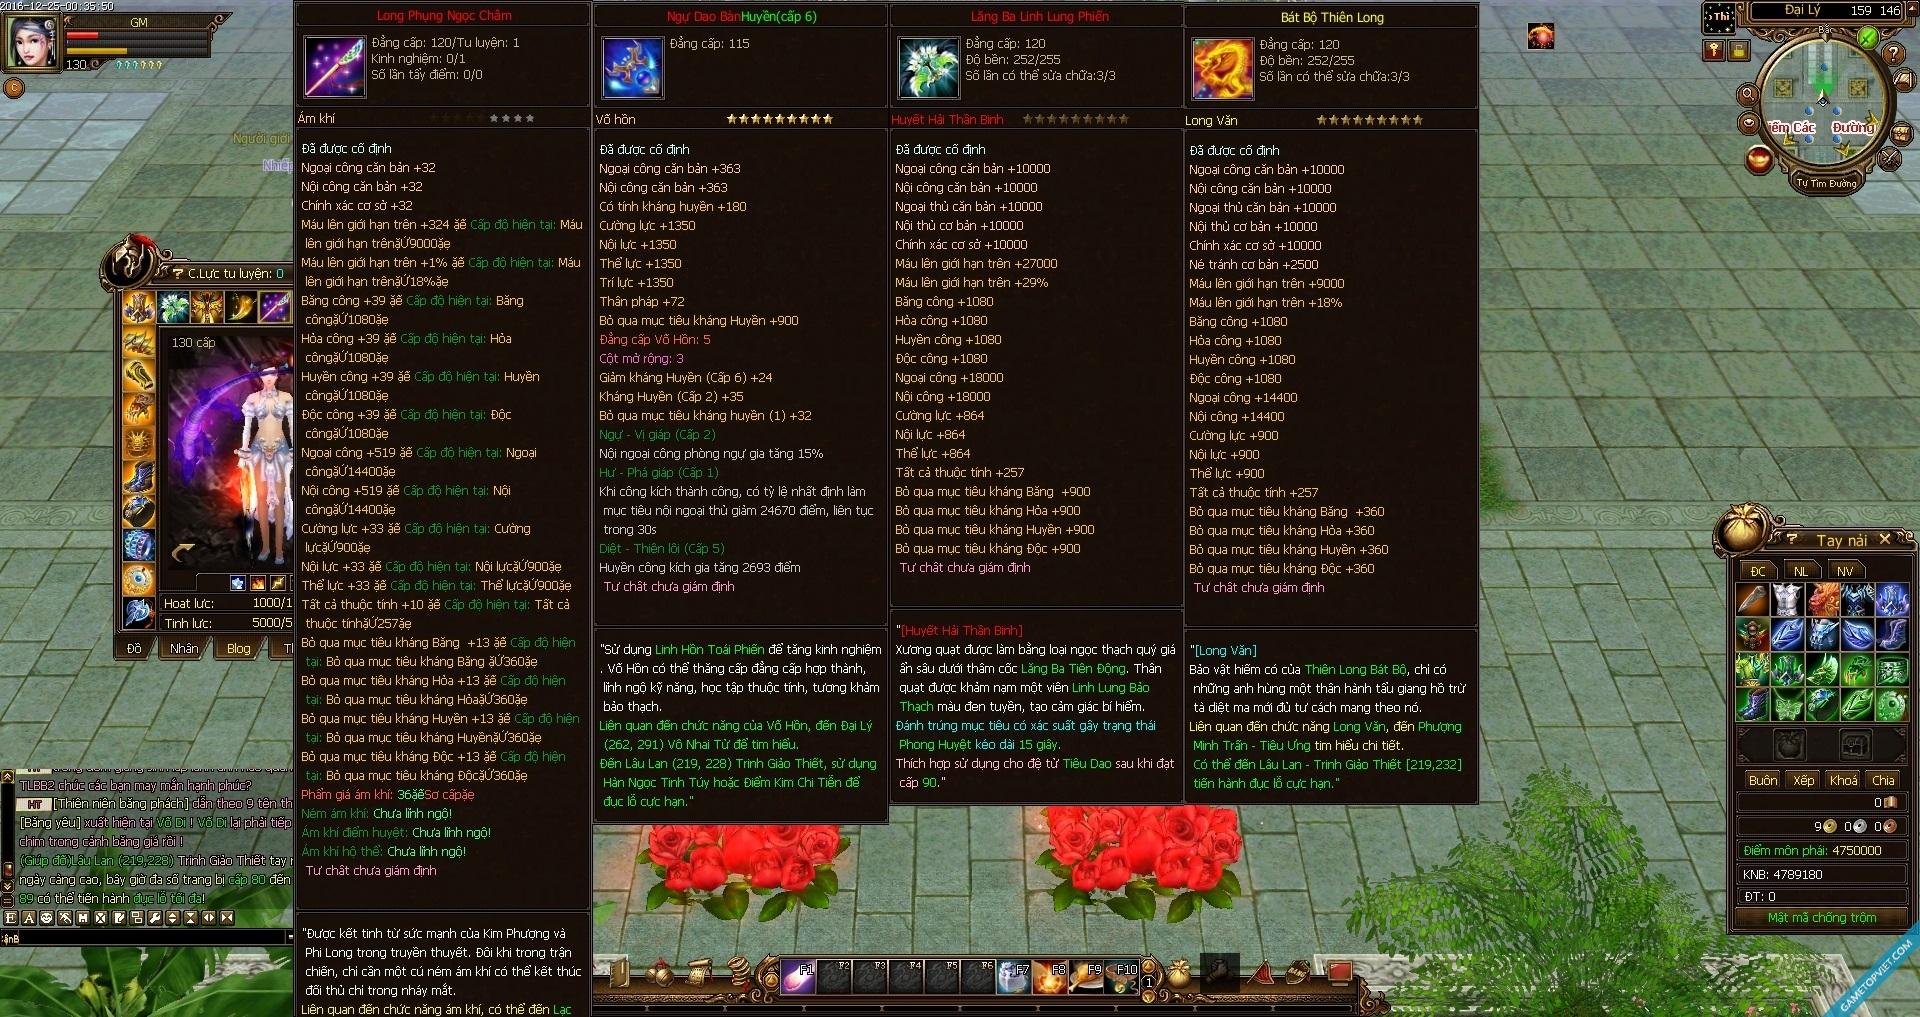 ⭕️TL YẾN VƯƠNG - 3.0 CHUYỂN SiNH - OPEN 19H30 TỐI T5 12/4 - CHỐNG BUG HACK, Sv KO GIẬT LAG  3RlVDy